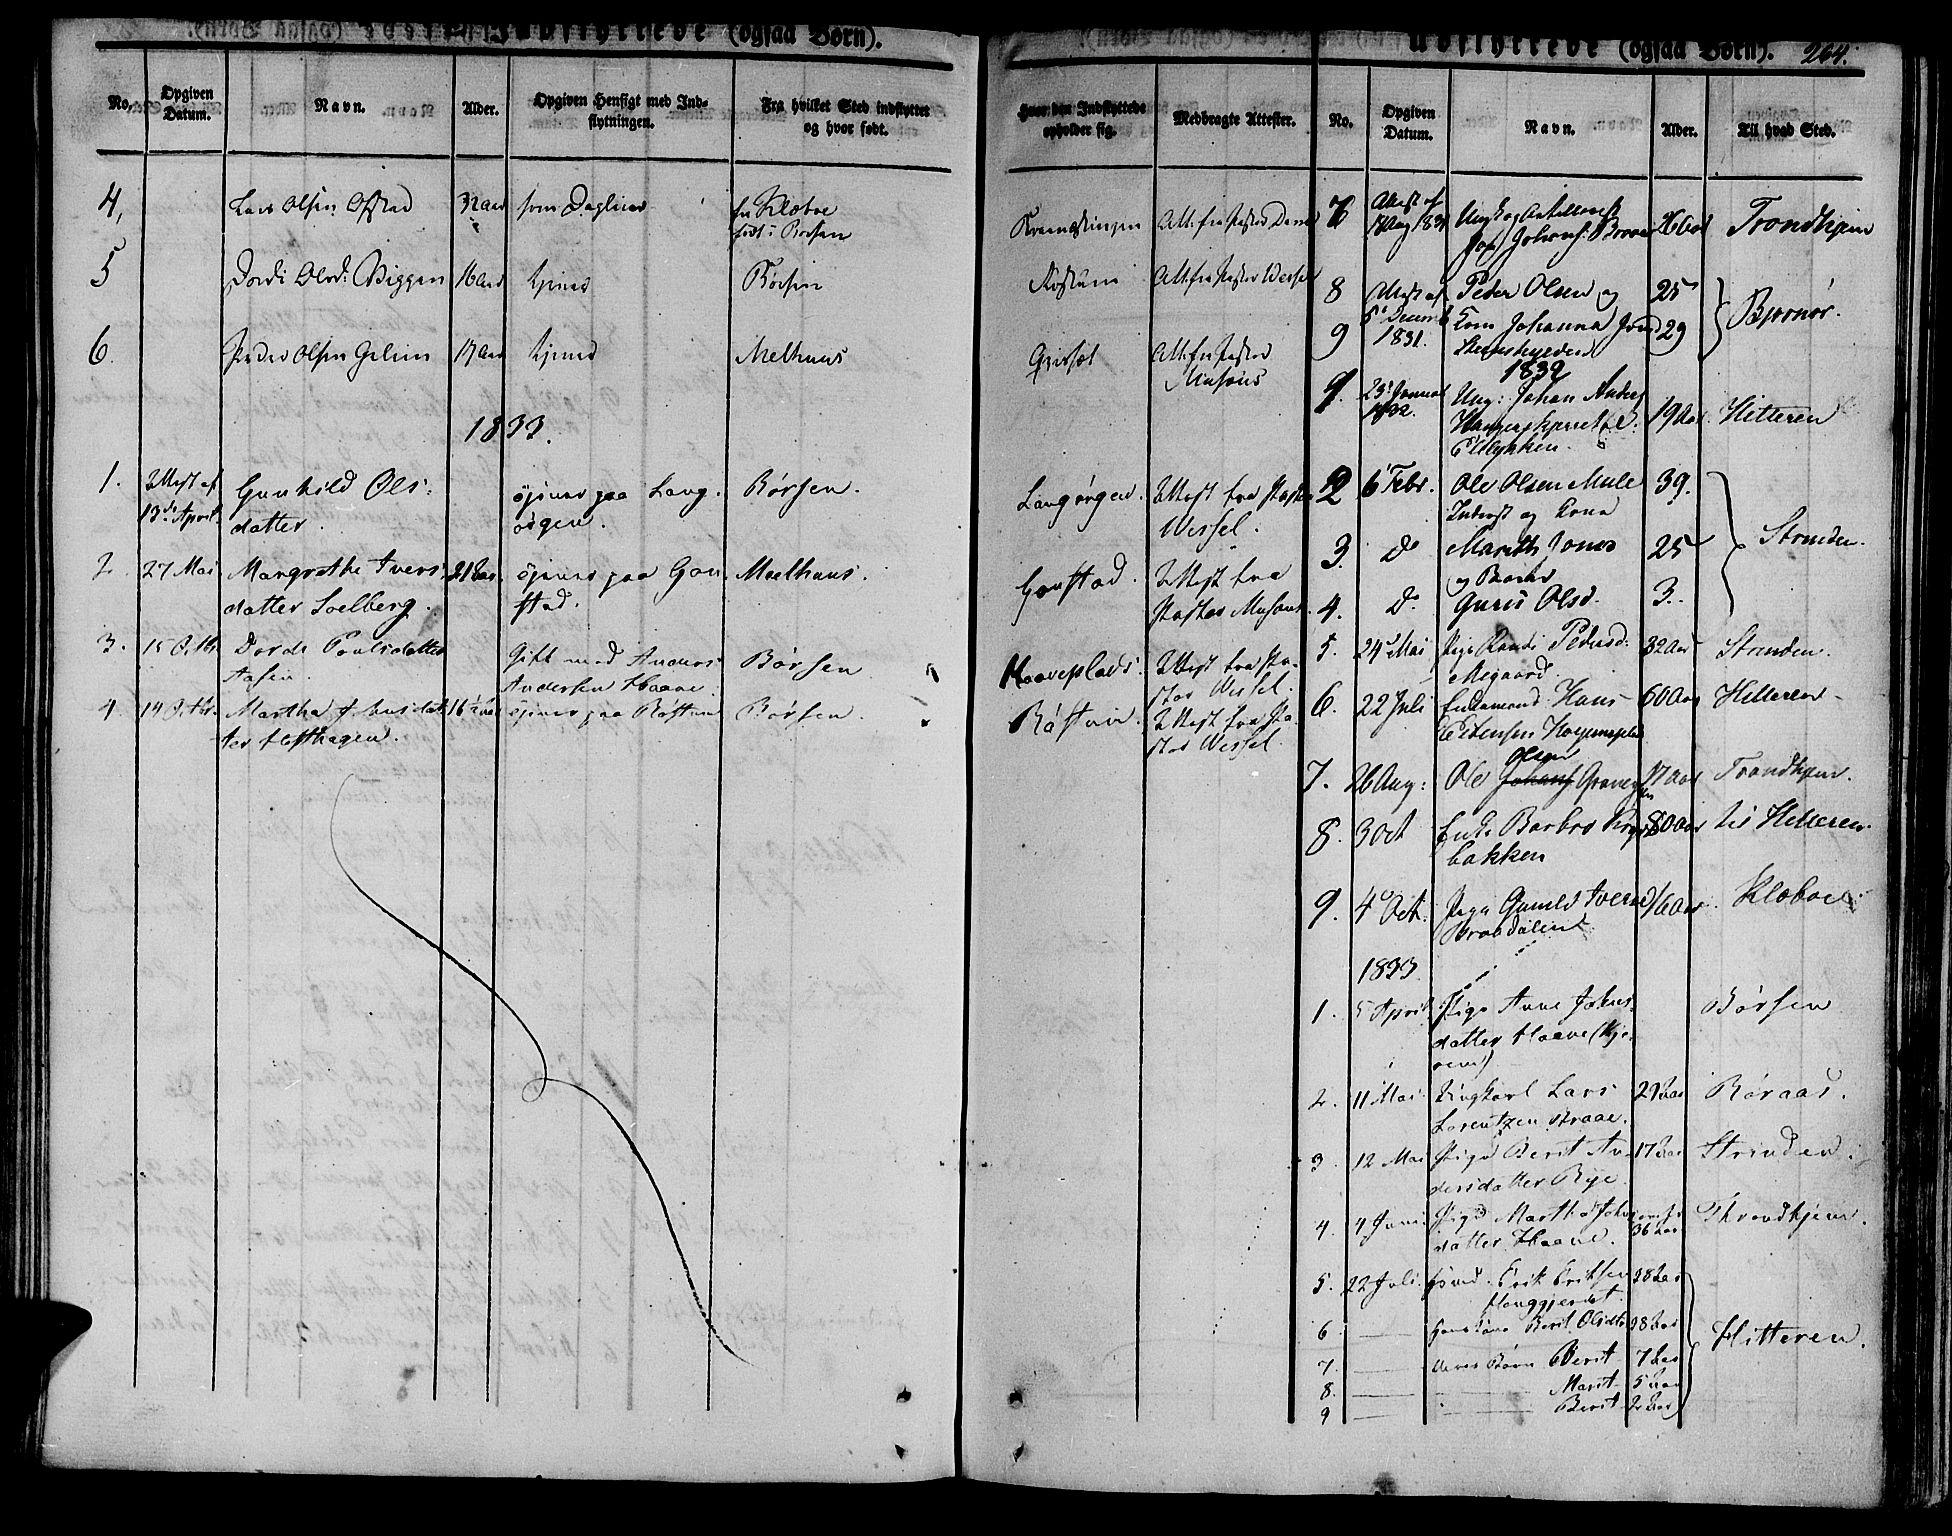 SAT, Ministerialprotokoller, klokkerbøker og fødselsregistre - Sør-Trøndelag, 612/L0374: Ministerialbok nr. 612A07 /1, 1829-1845, s. 264